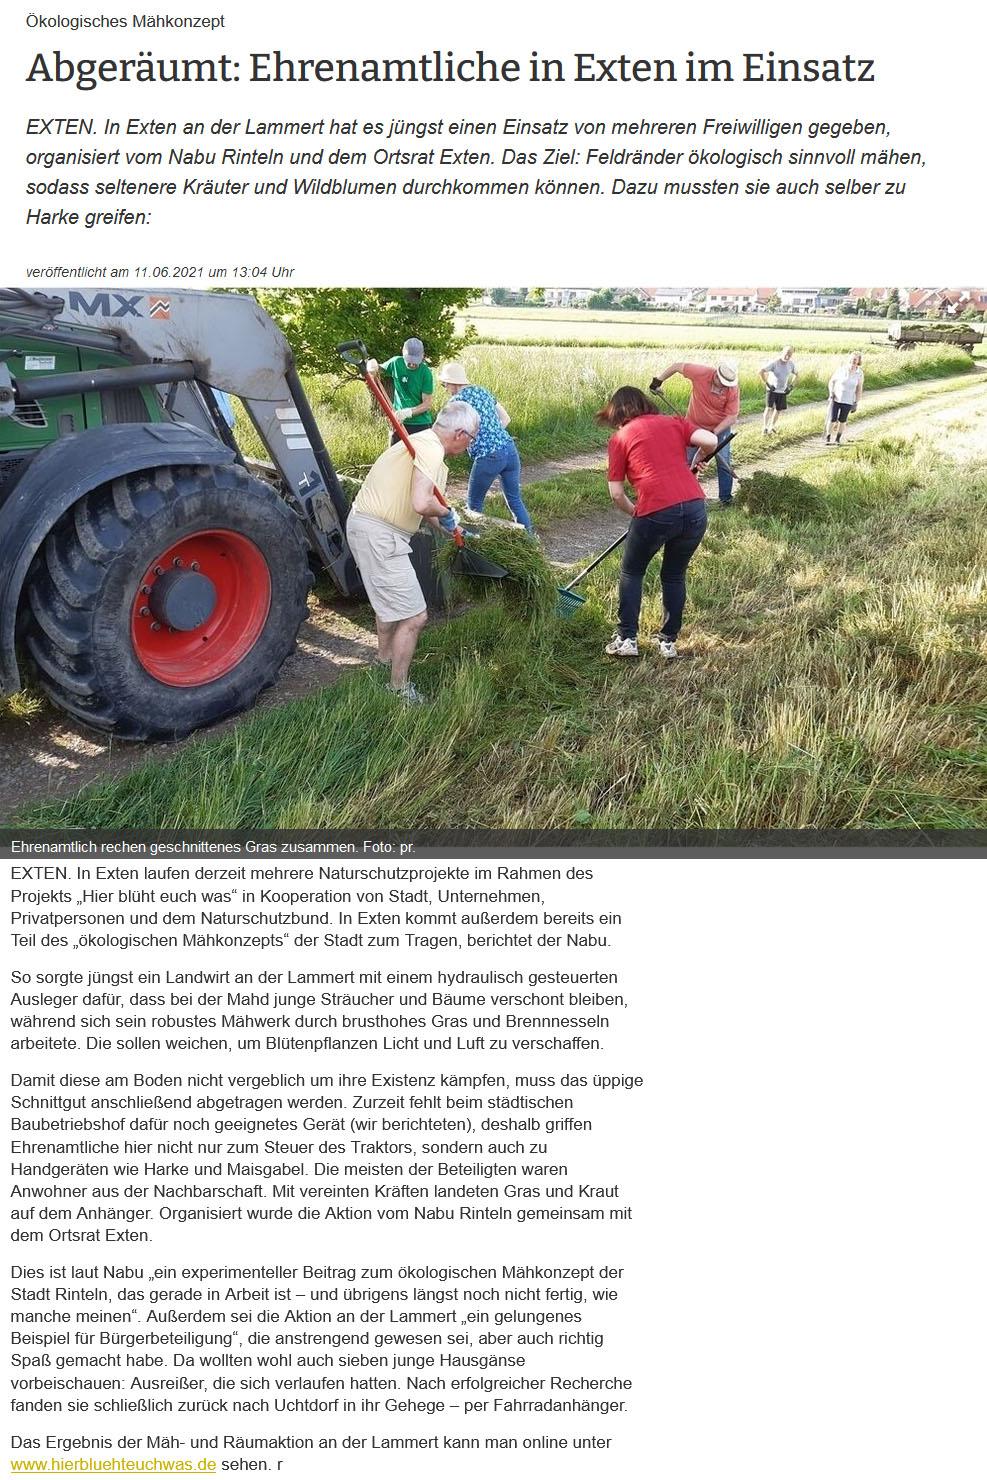 Abgeräumt - Naturpflege durch Landwirtschaft und Bürger im ehrenamtlichen Einsatz